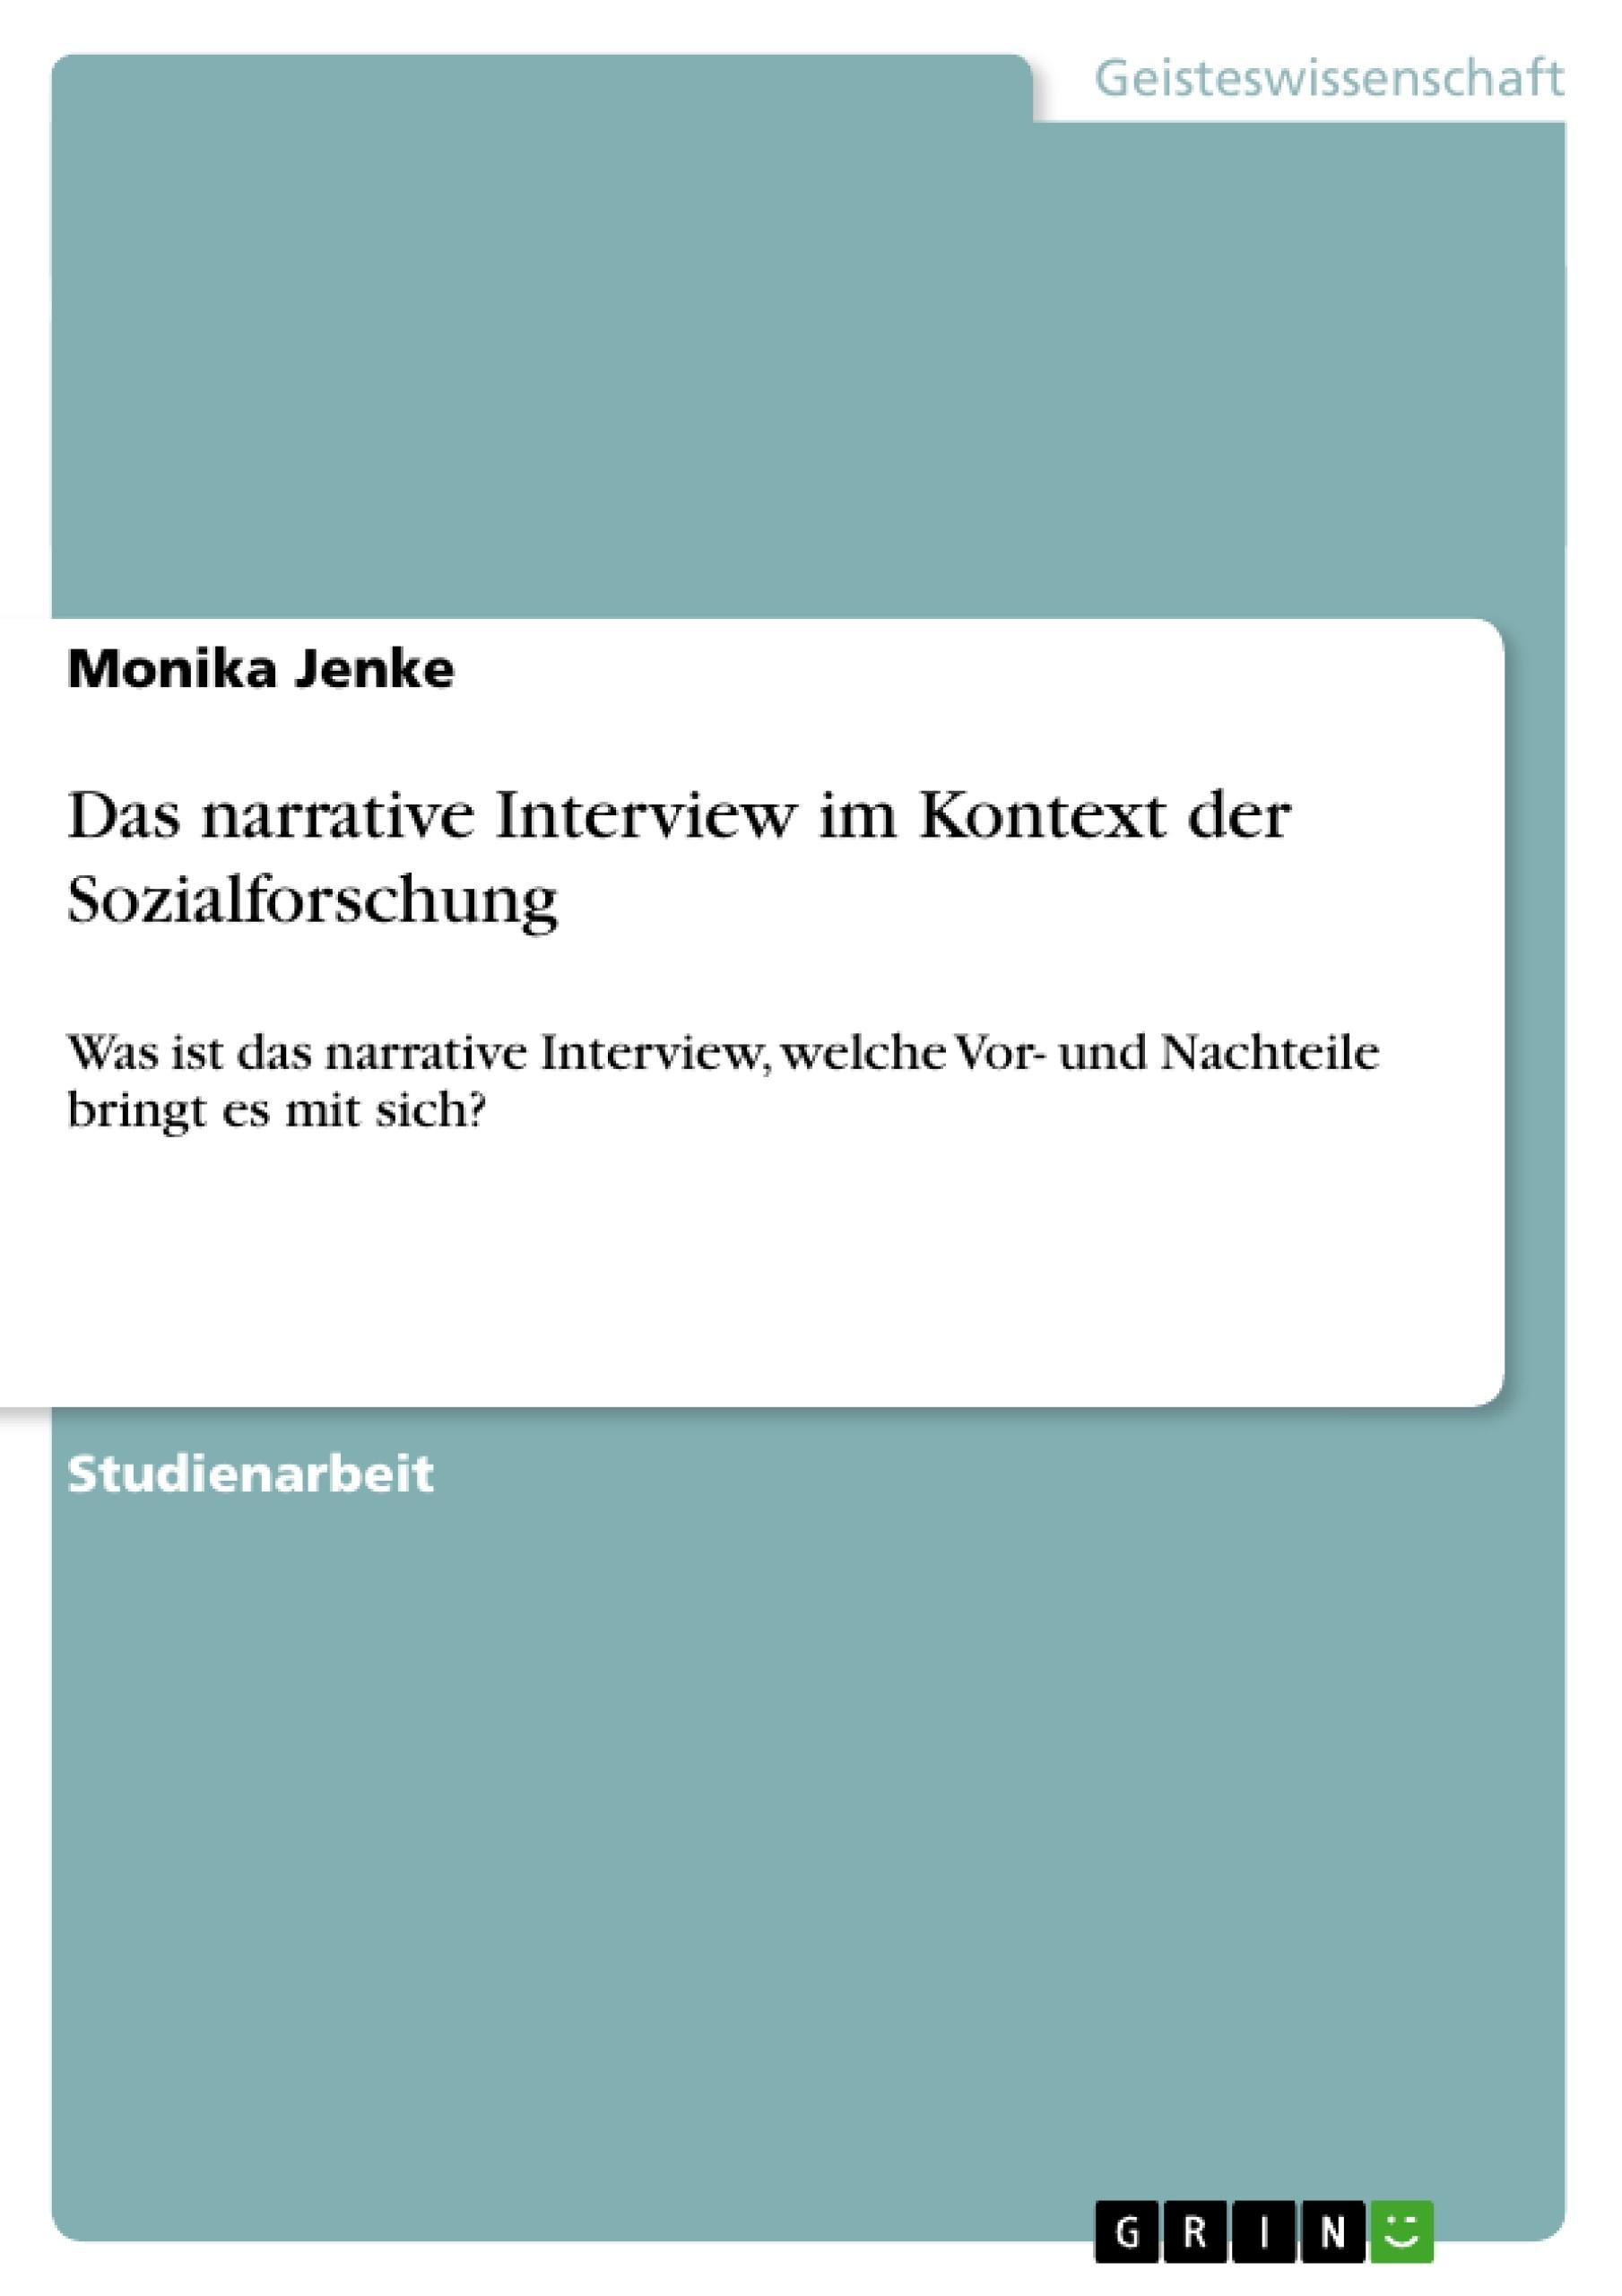 Titel: Das narrative Interview im Kontext der Sozialforschung